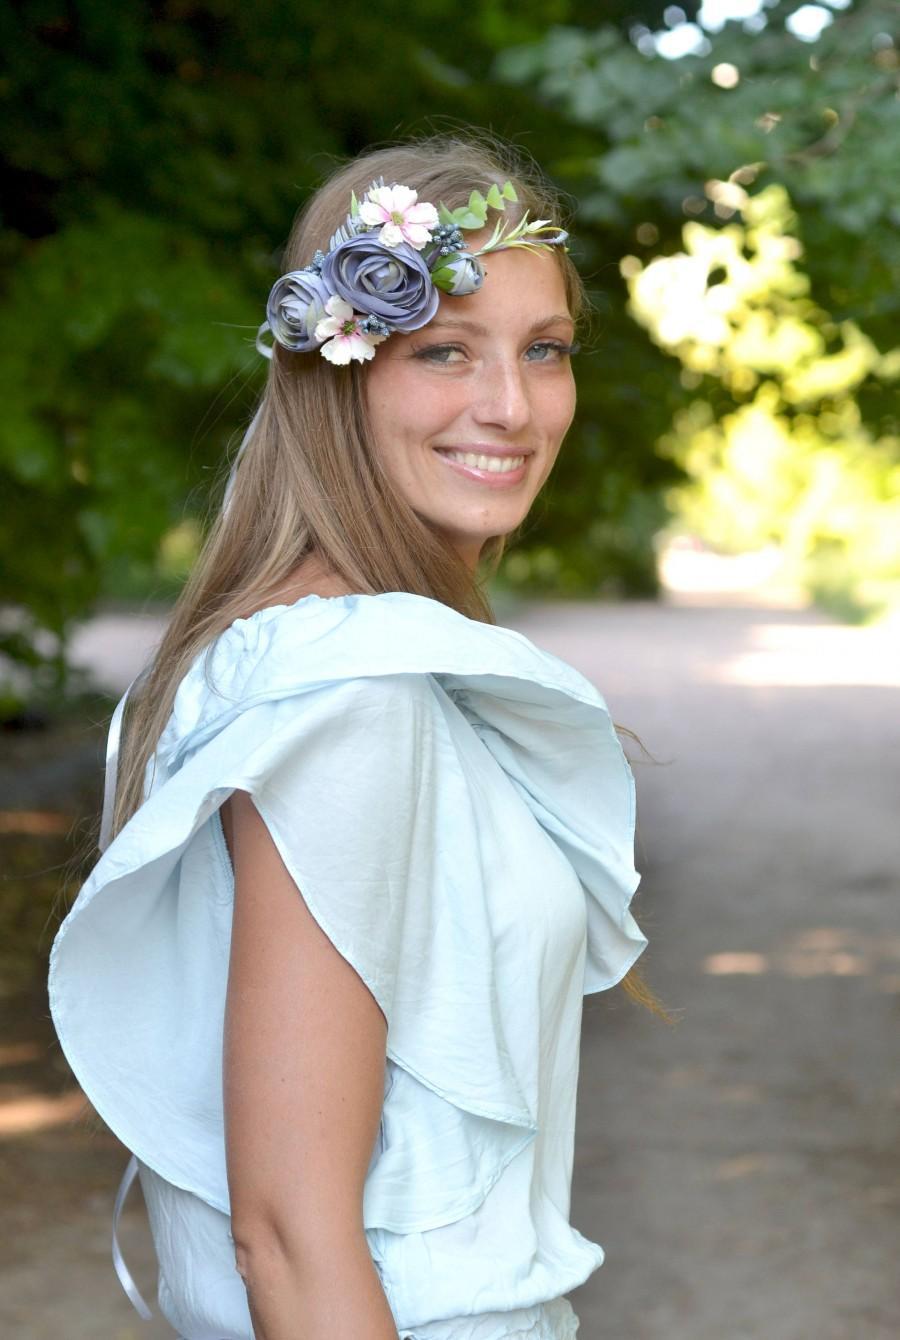 Serenity Flower Crown Wedding Ash Blue Floral Headband Bridal